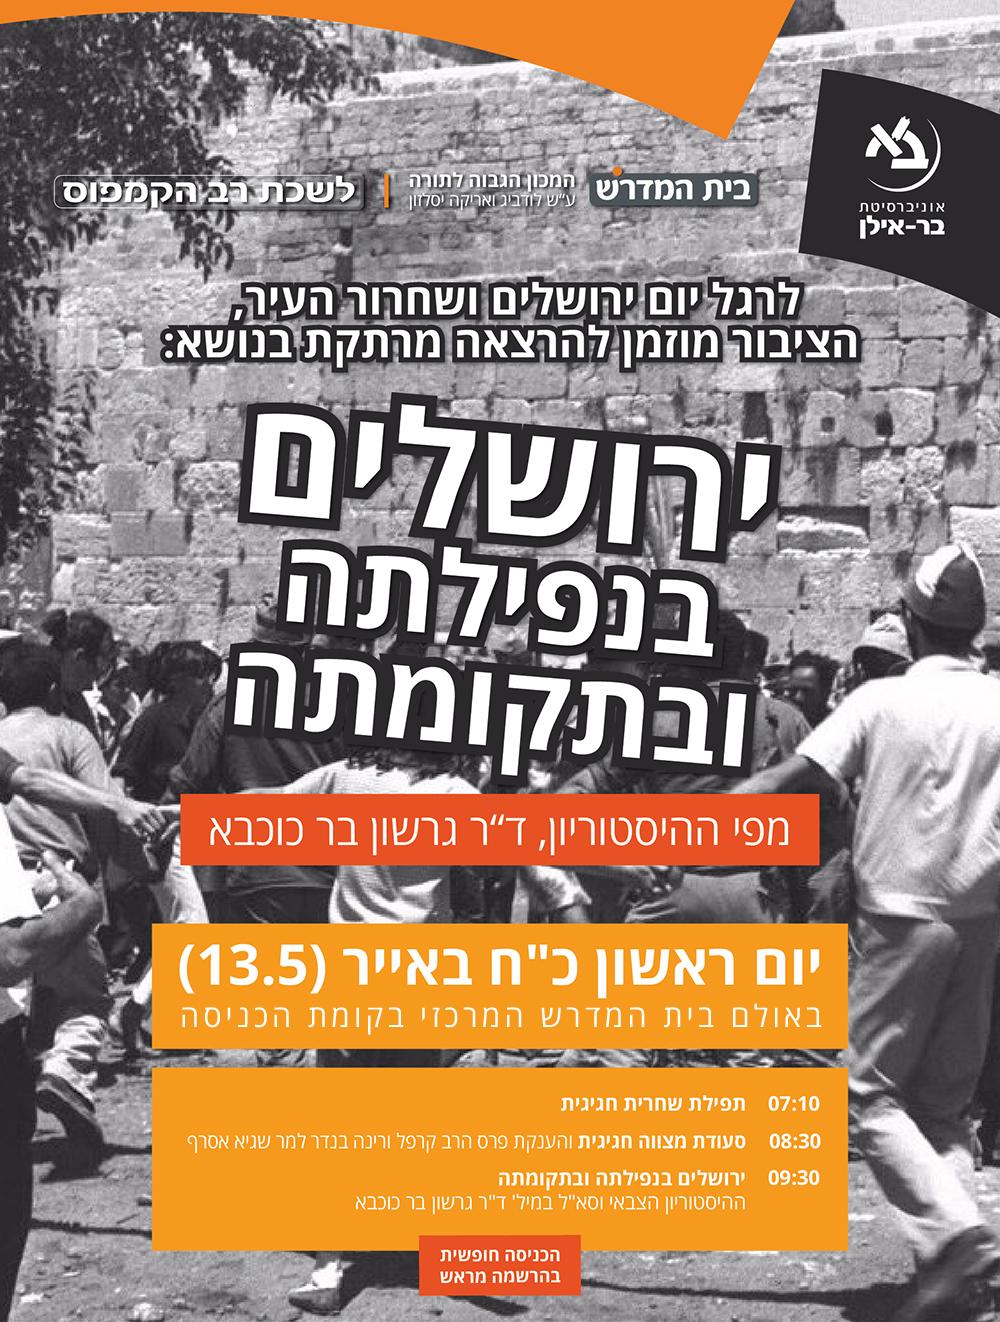 אירוע לרגל יום ירושלים בבית המדרש